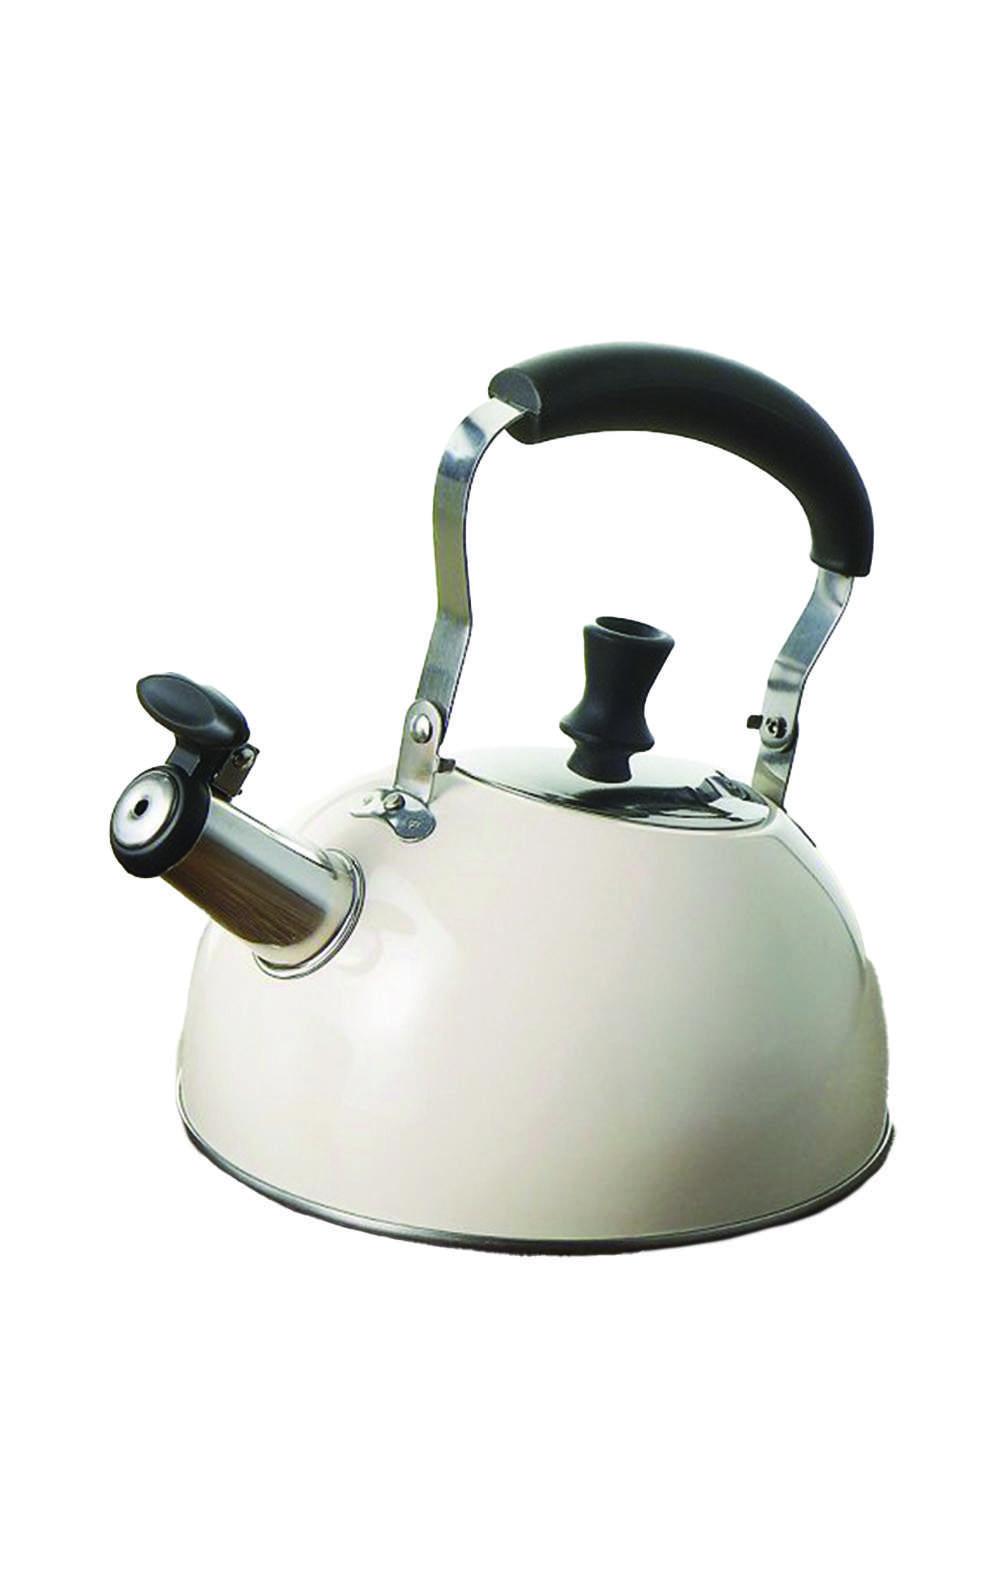 Pearl Metal HB-4043 Kettle  1.6 L ابريق